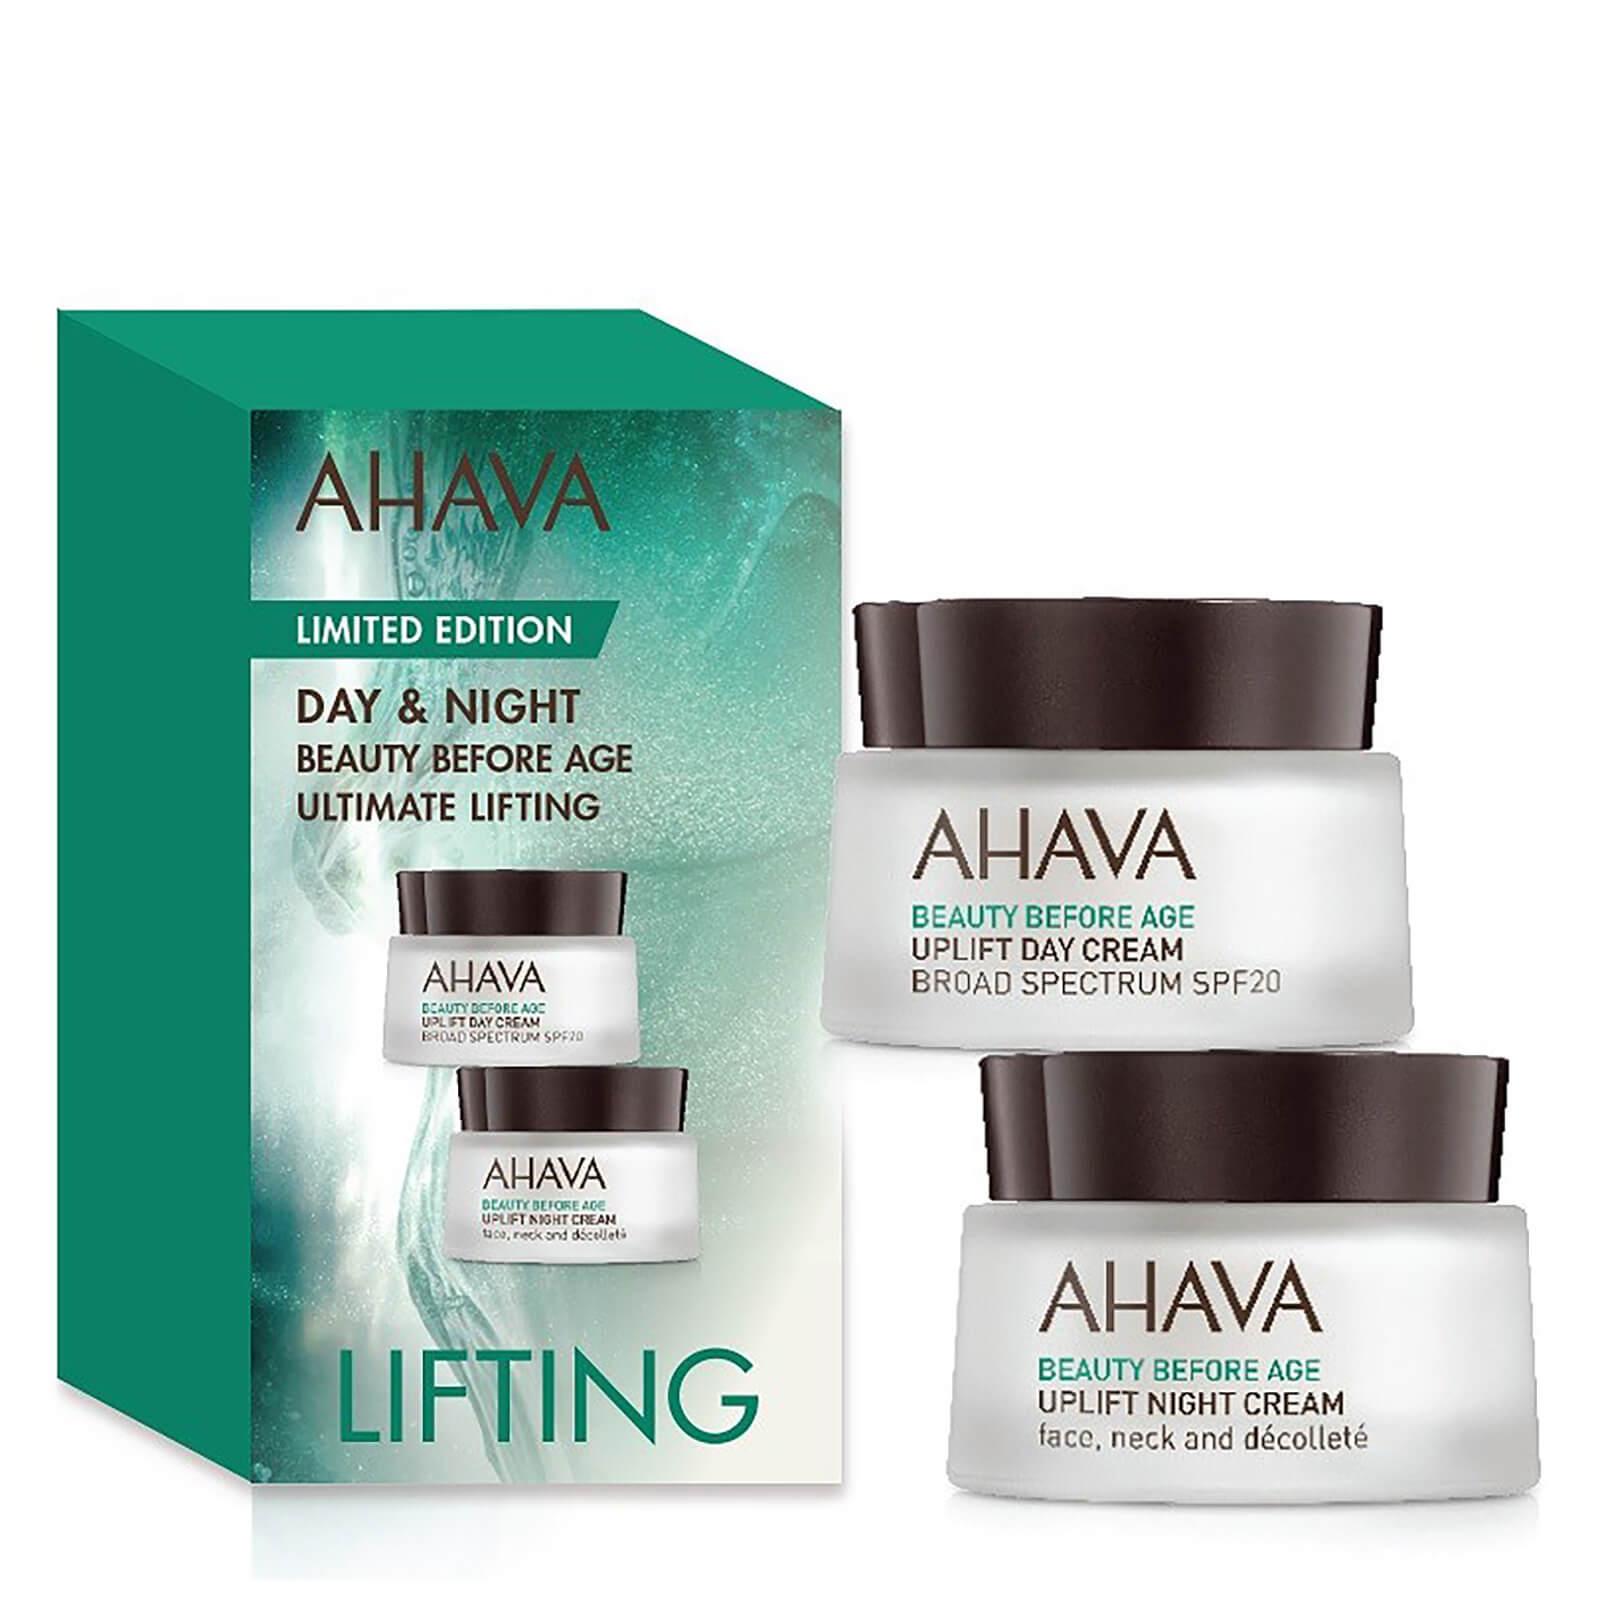 AHAVA Kit Uplift Day and Night 15ml